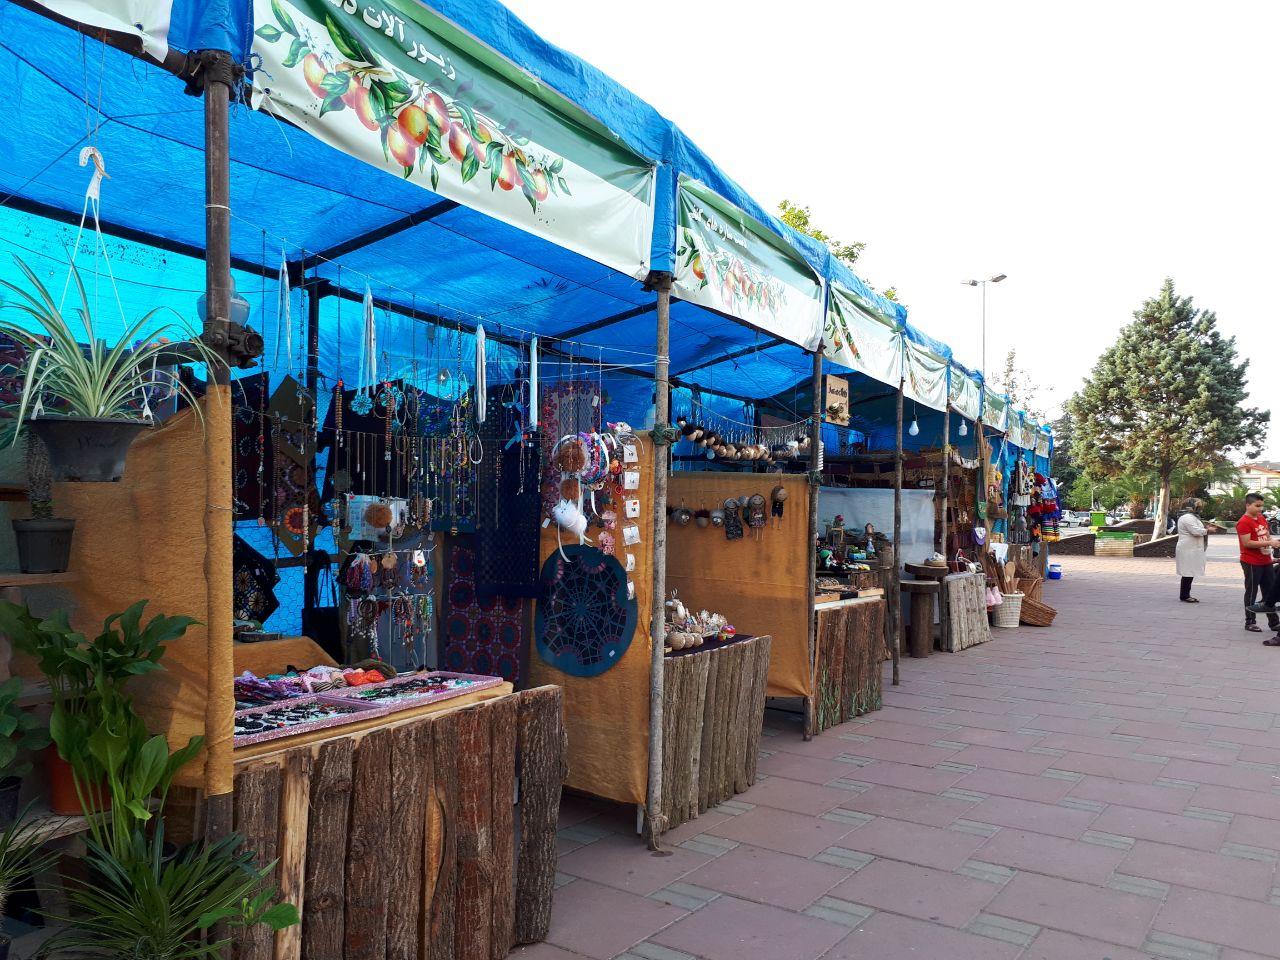 نمایشگاه تابستانه صنایع دستی در شهرستان لنگرود برگزار می گردد